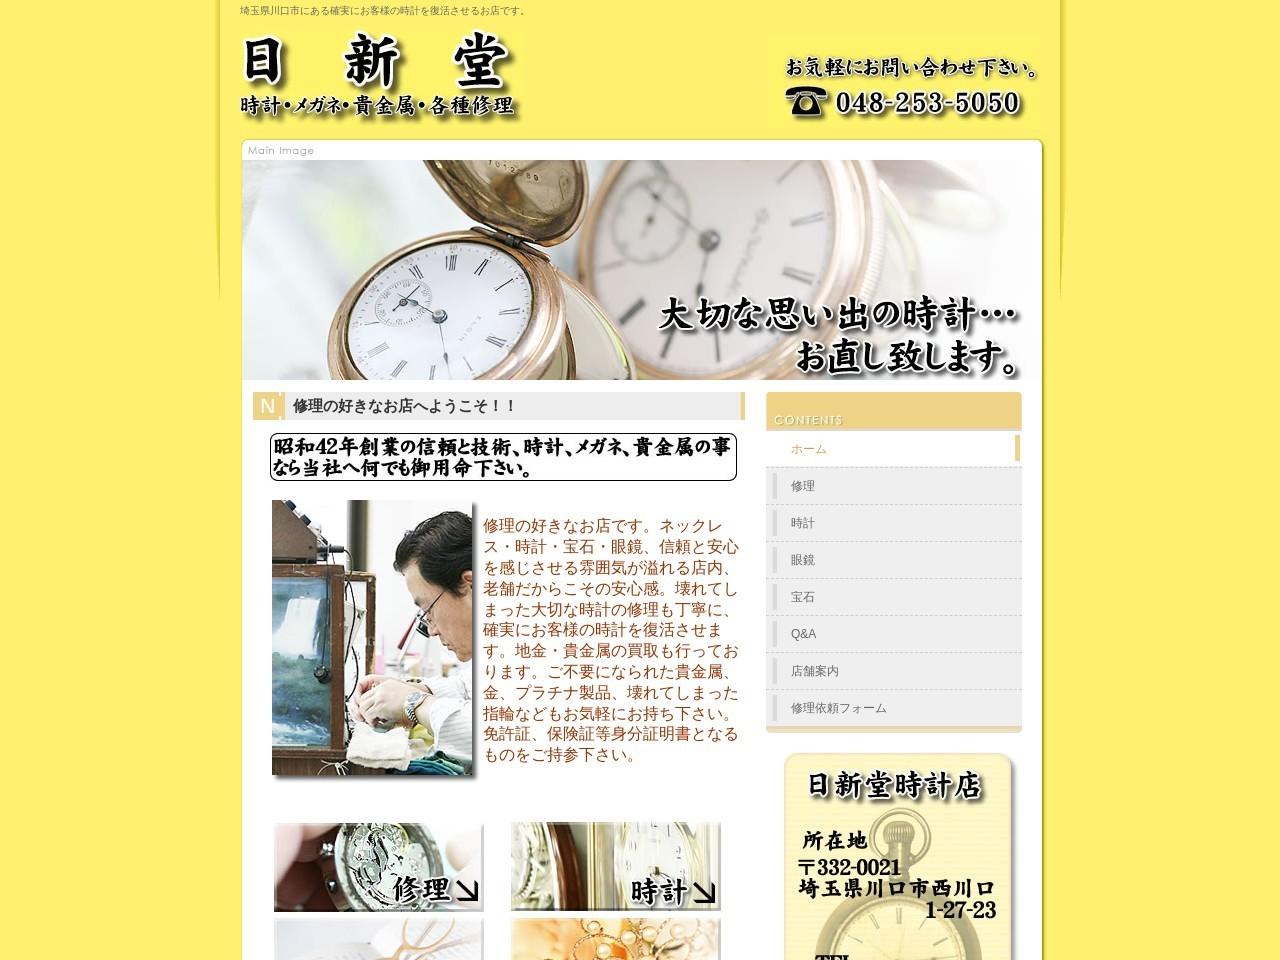 日新堂時計店 | 埼玉県川口市にある修理のお店です。